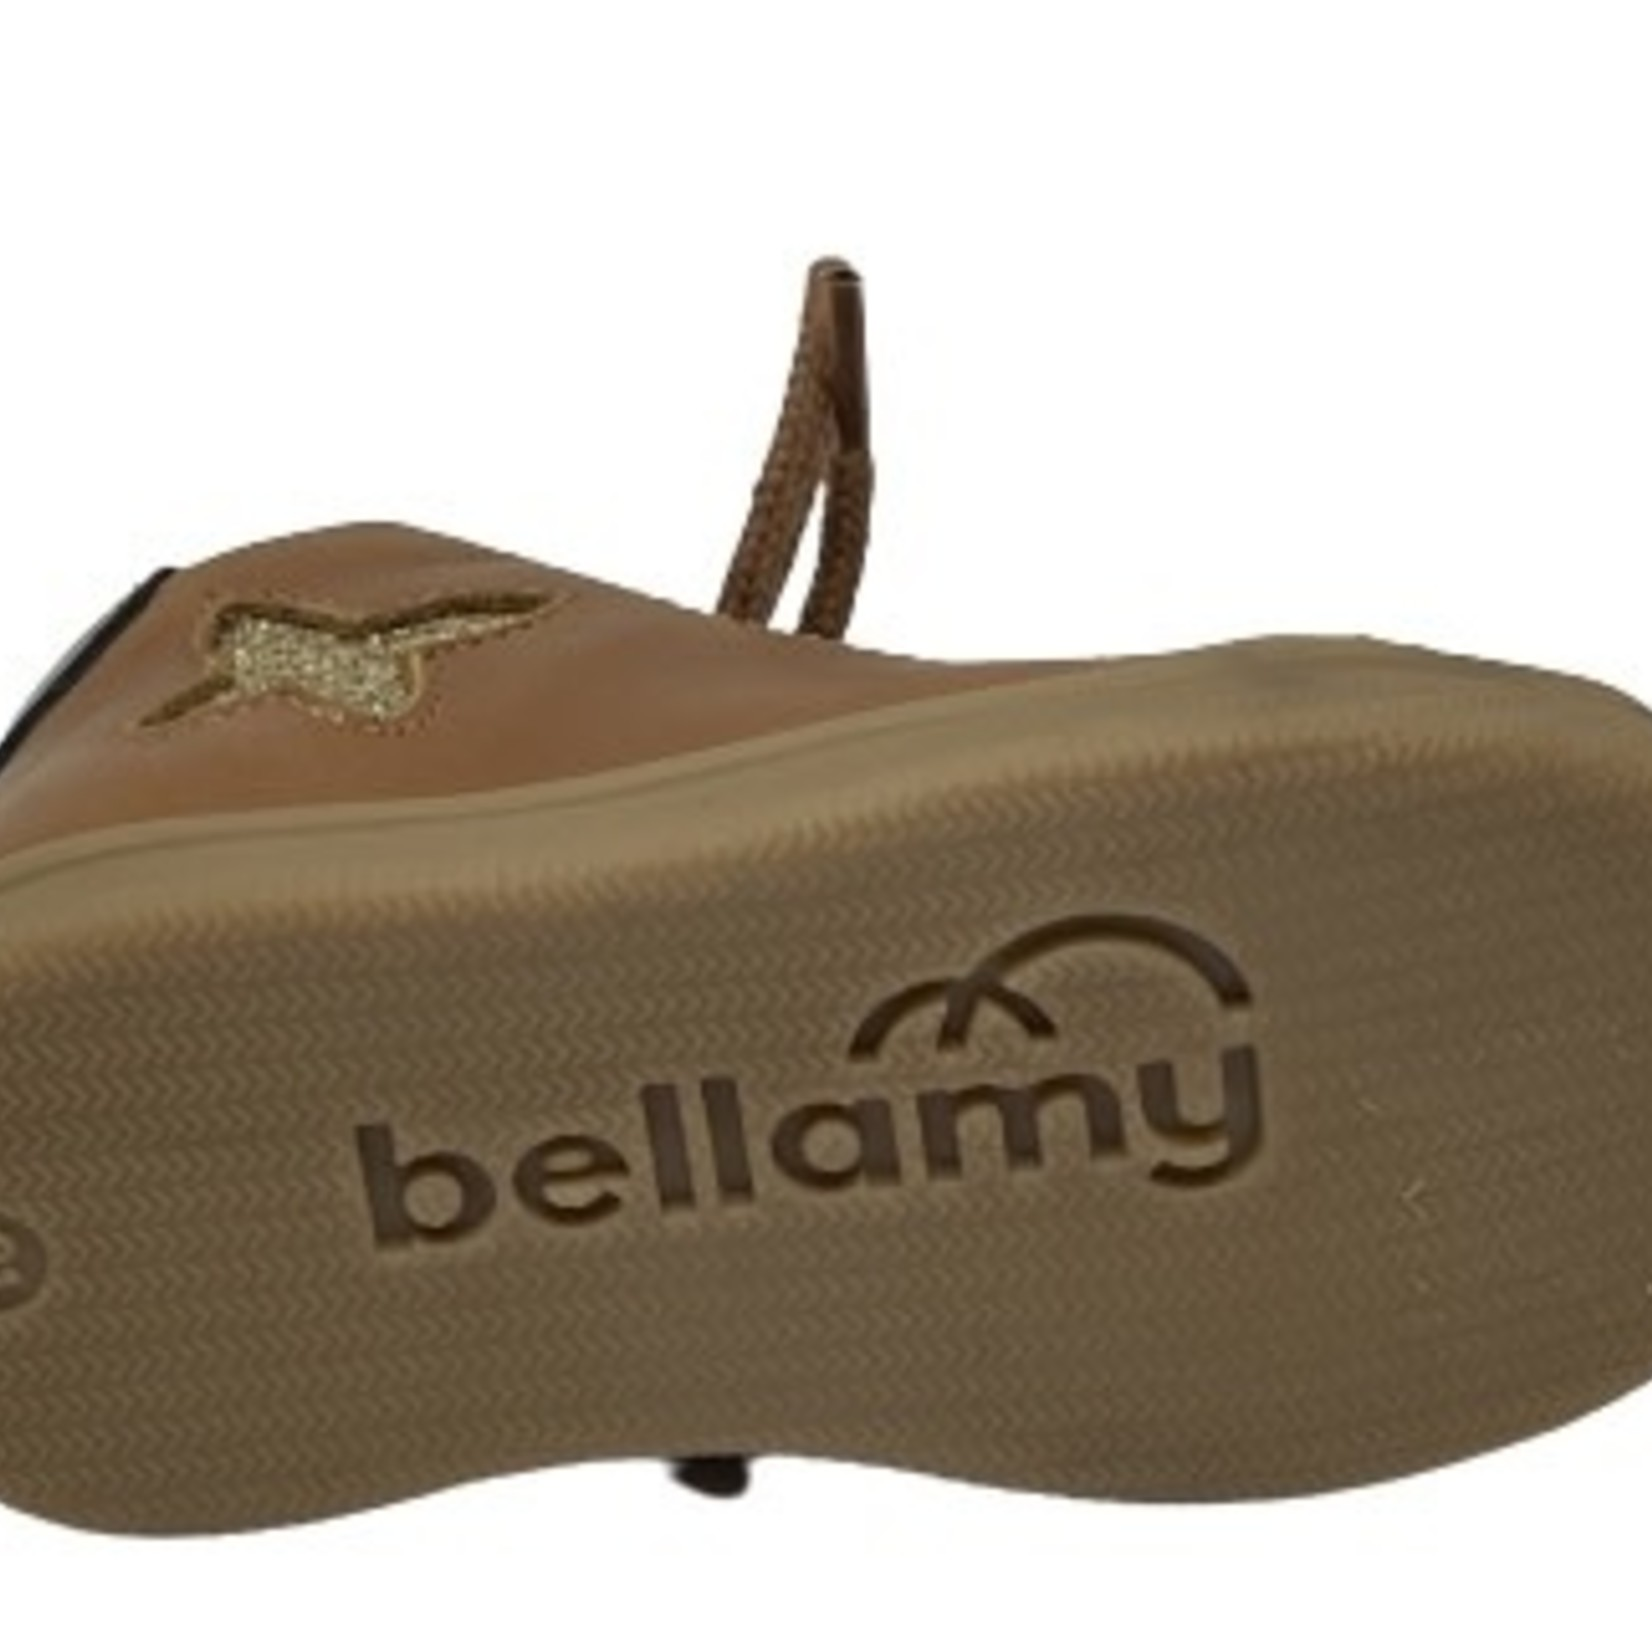 Bellamy Bellamy Bal